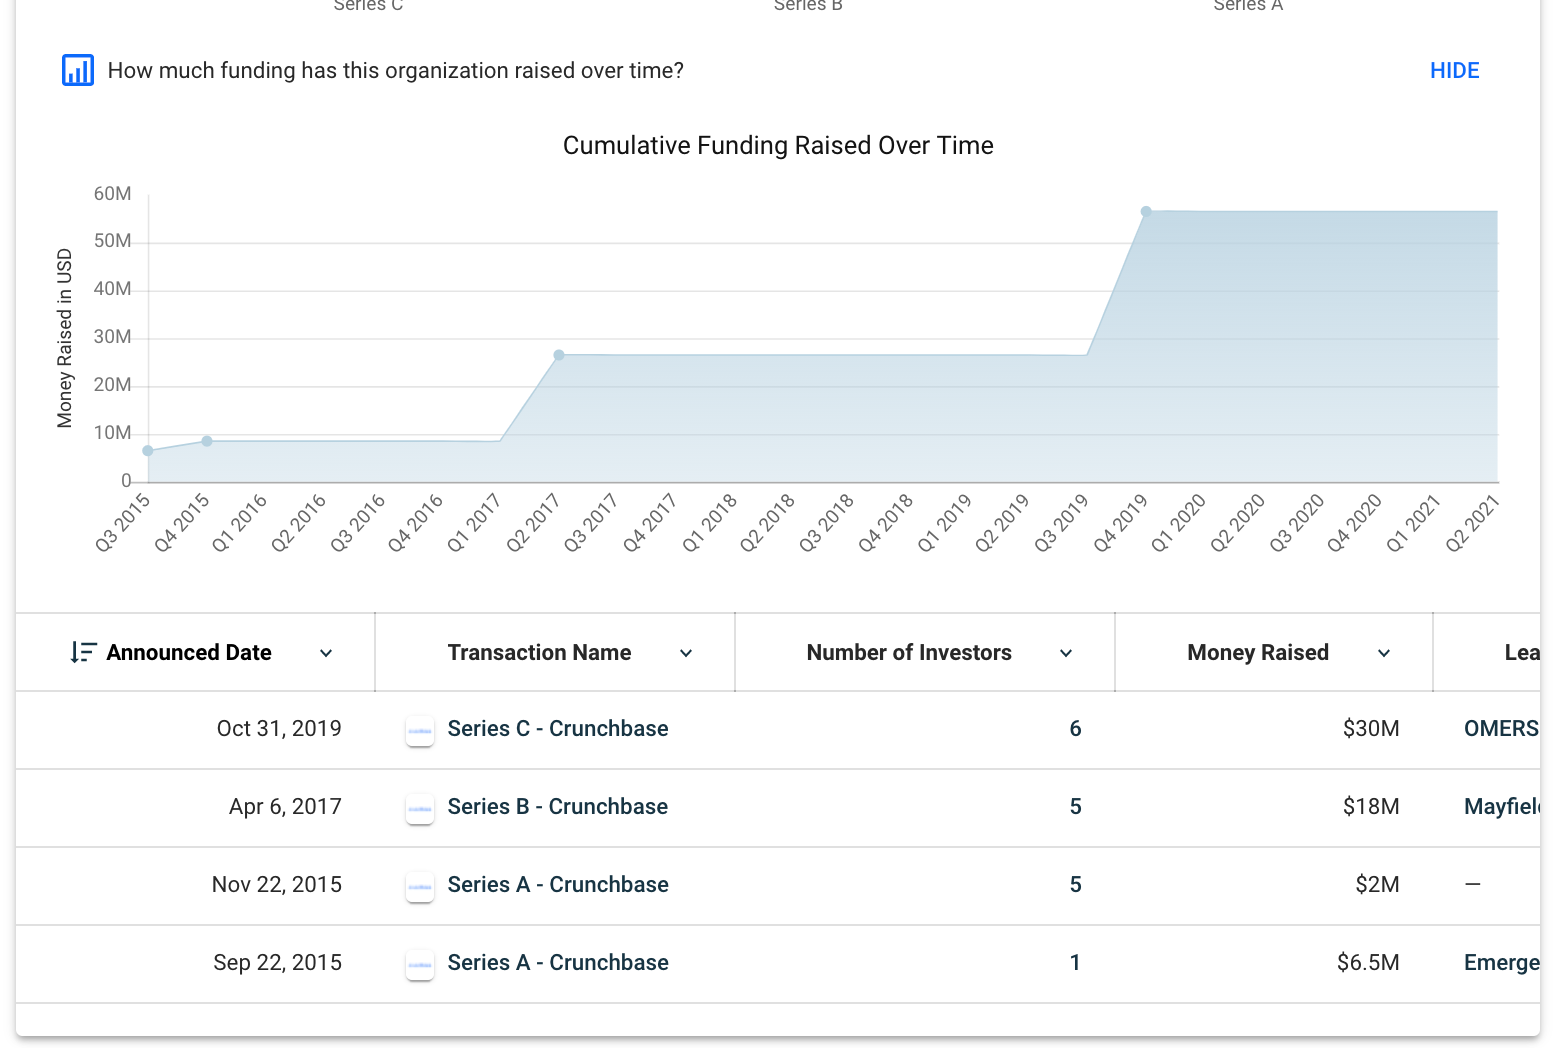 Crunchbase funding raised over time